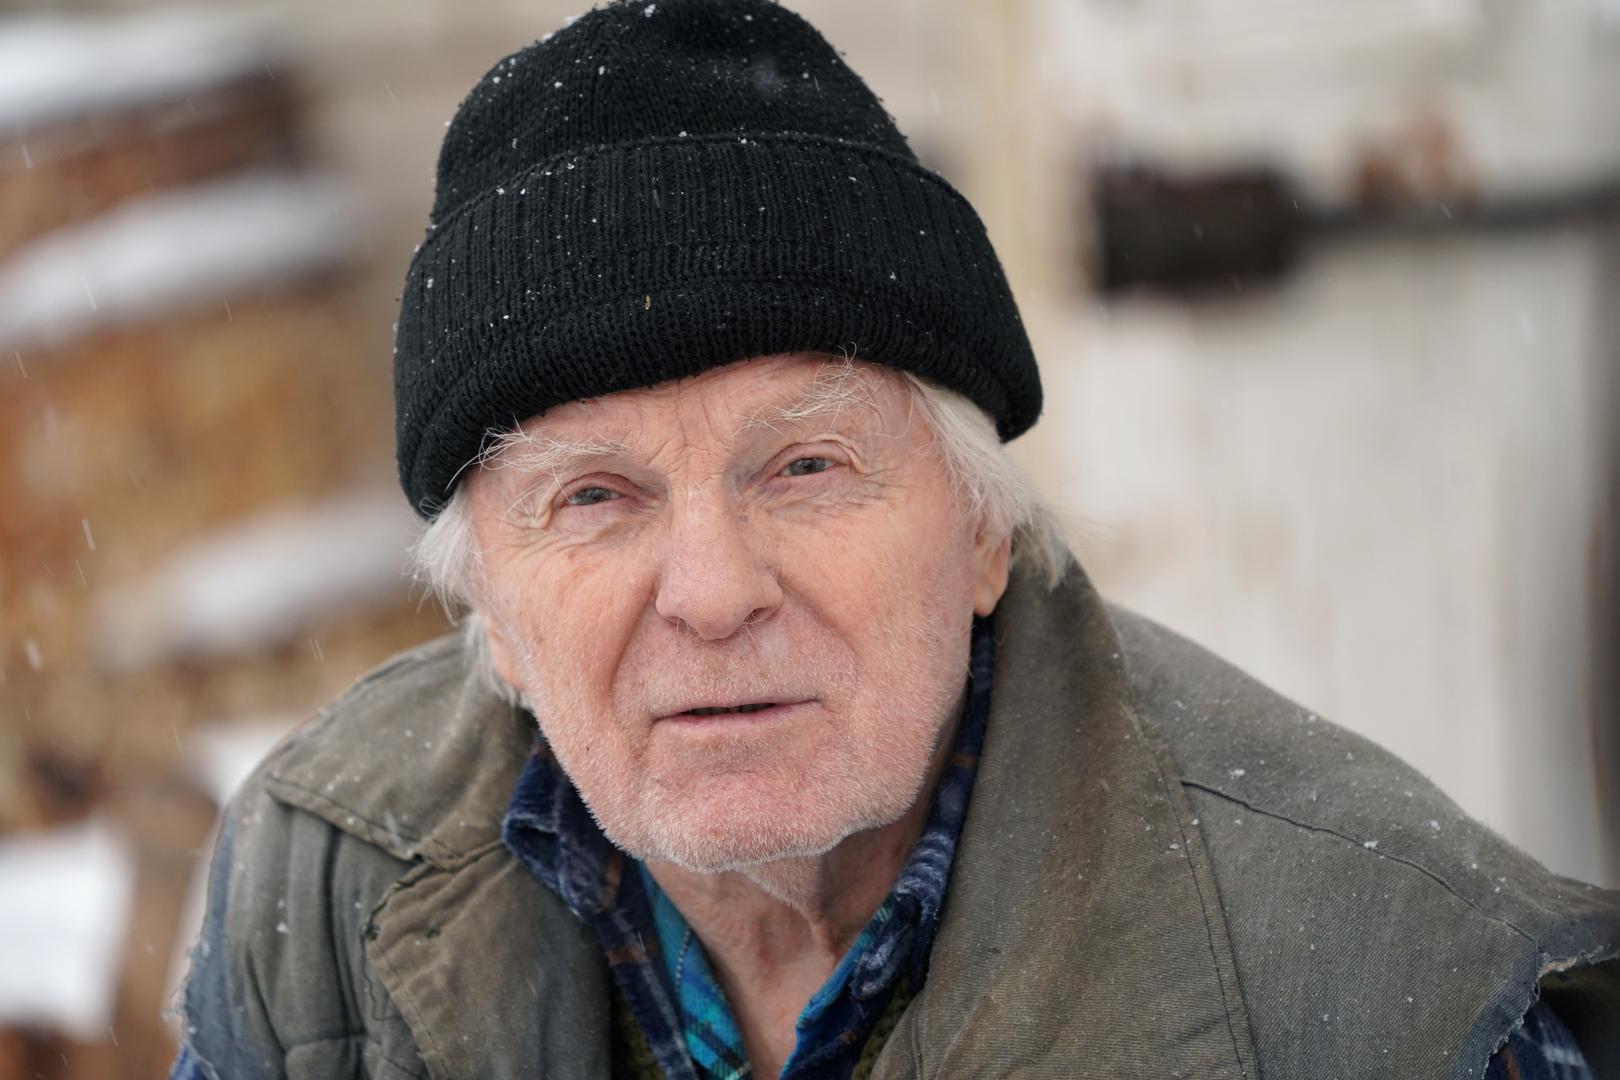 ممثل سوفيتي مخضرم: أنا شيوعي مخلص ولست خائفا من الفيروس التاجي